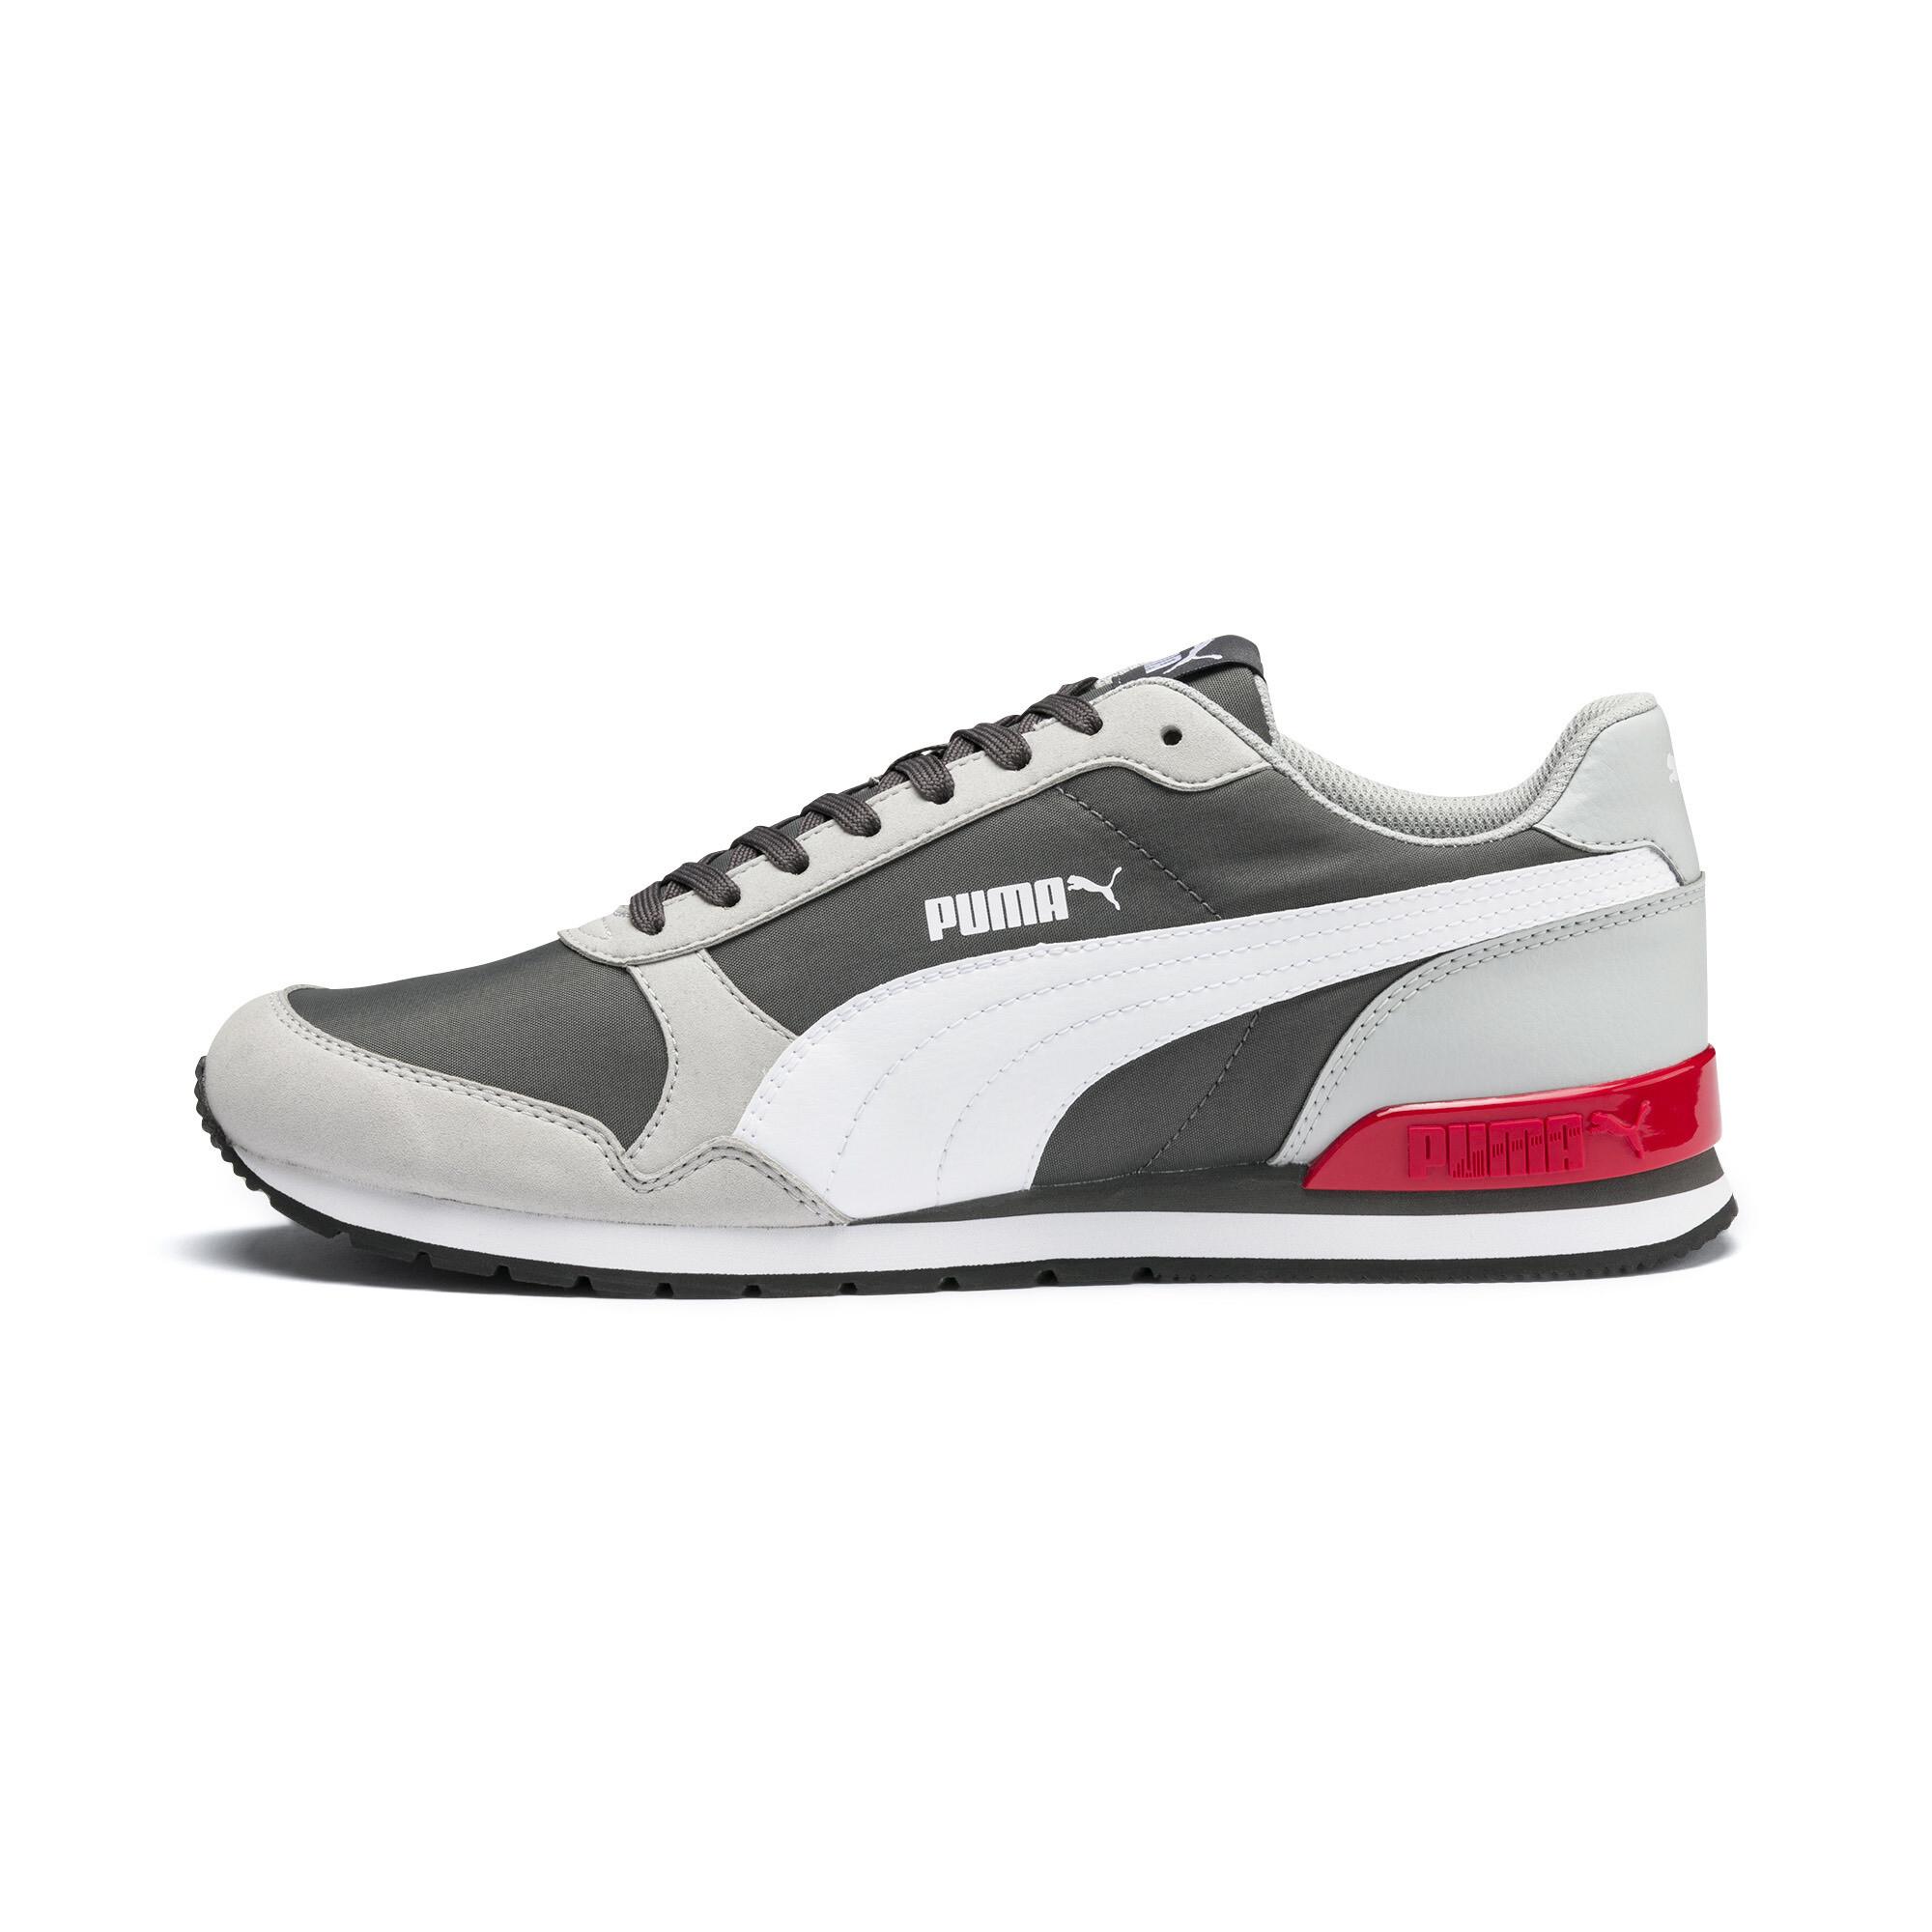 Puma-ST-Runner-v2-Para-hombre-Zapatos-para-hombre-Basics miniatura 4